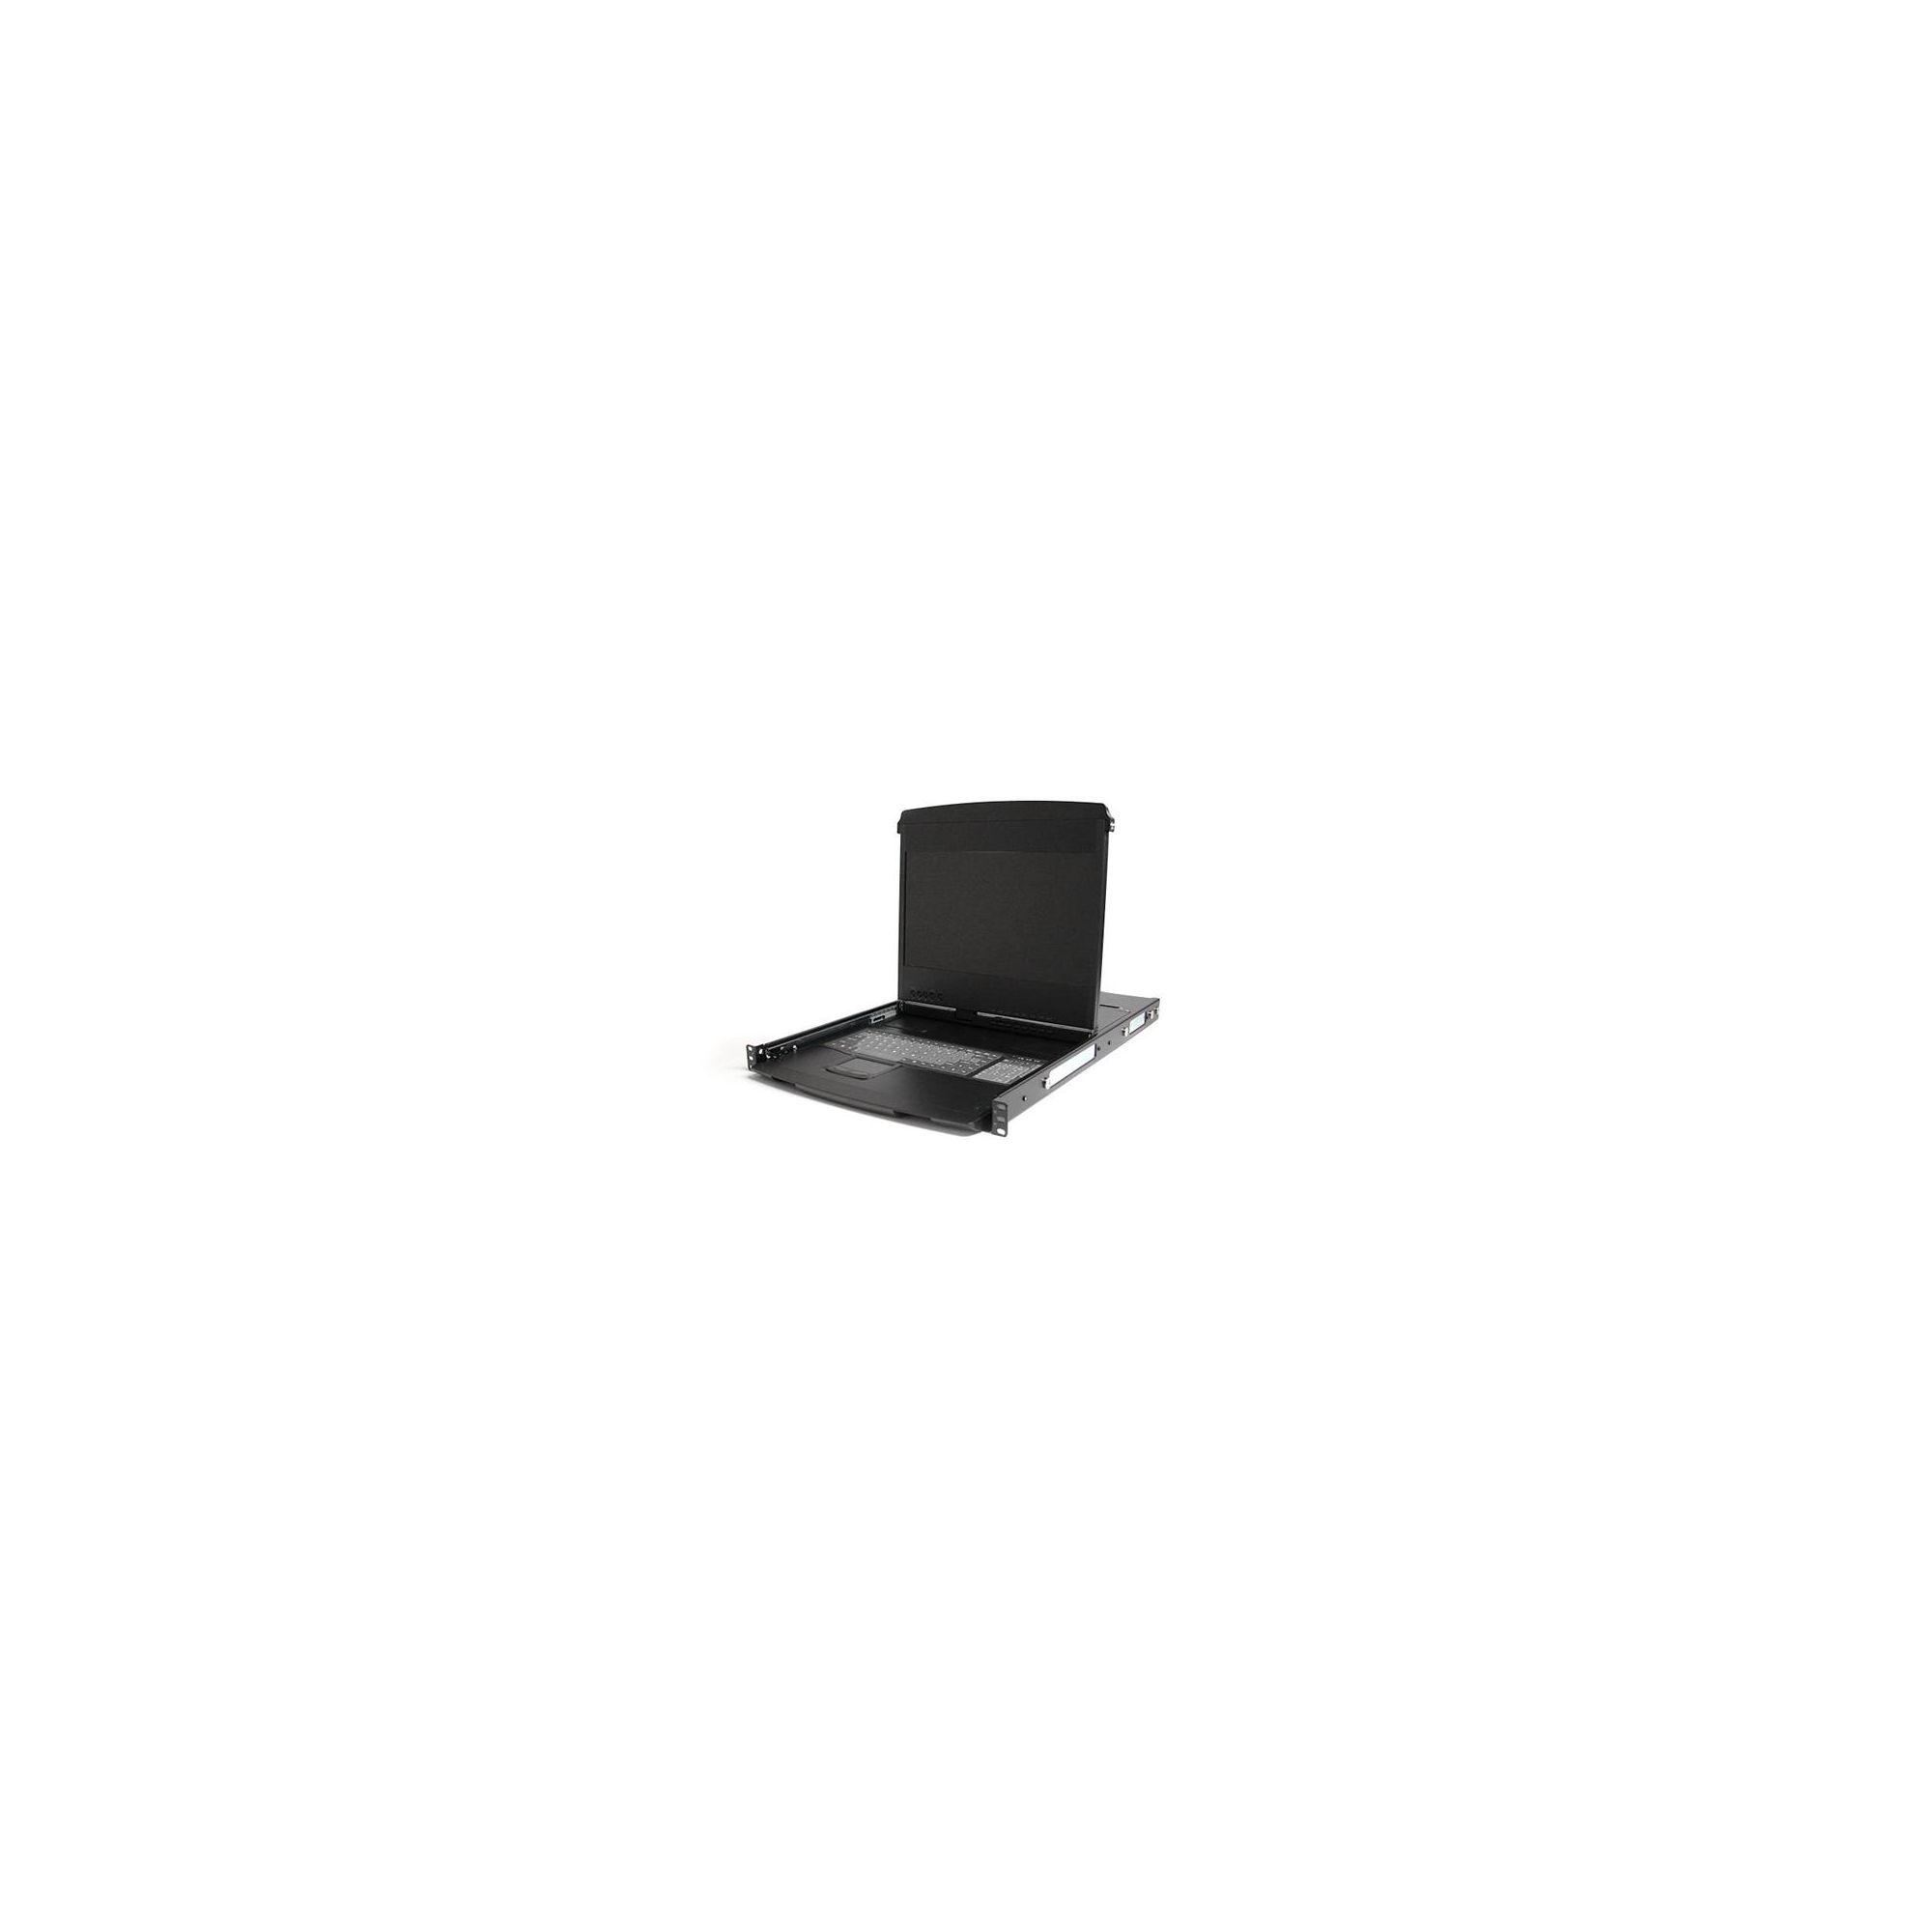 StarTech 1U 17 inch HD 1080p Dual Rail Rackmount Widescreen LCD Console at Tesco Direct